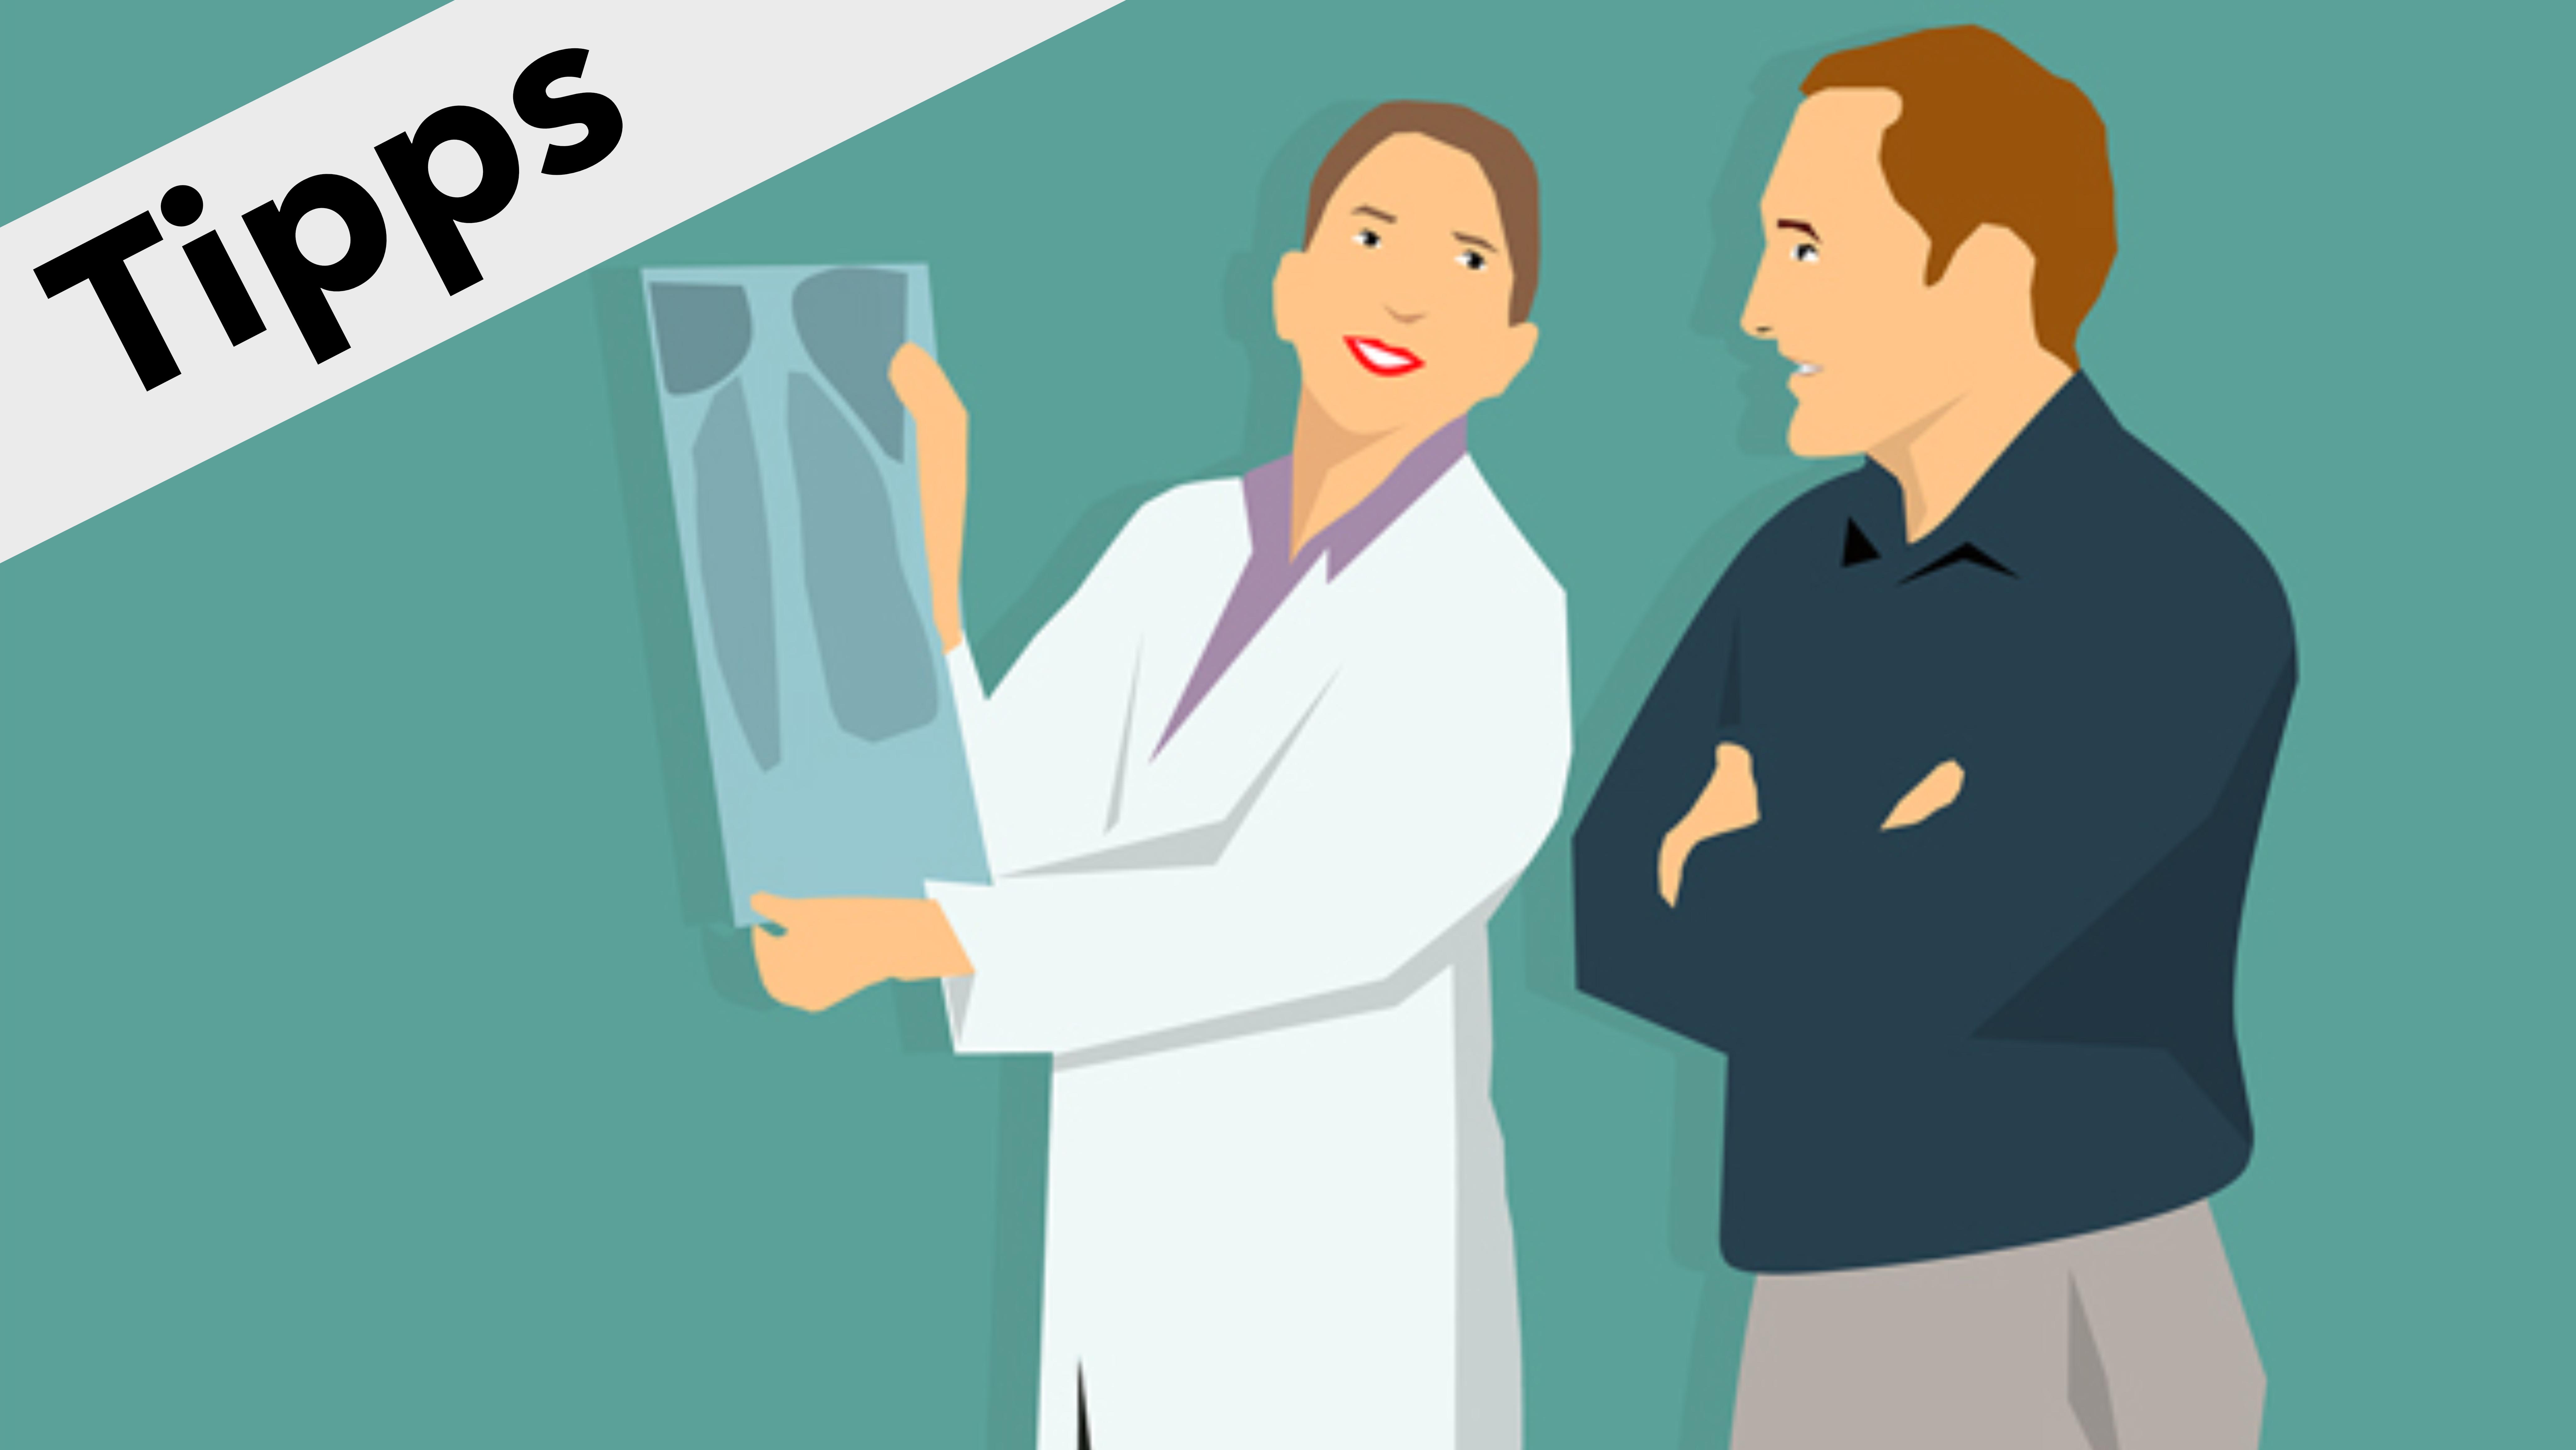 Tipps für Frauen im Gesundheitswesen